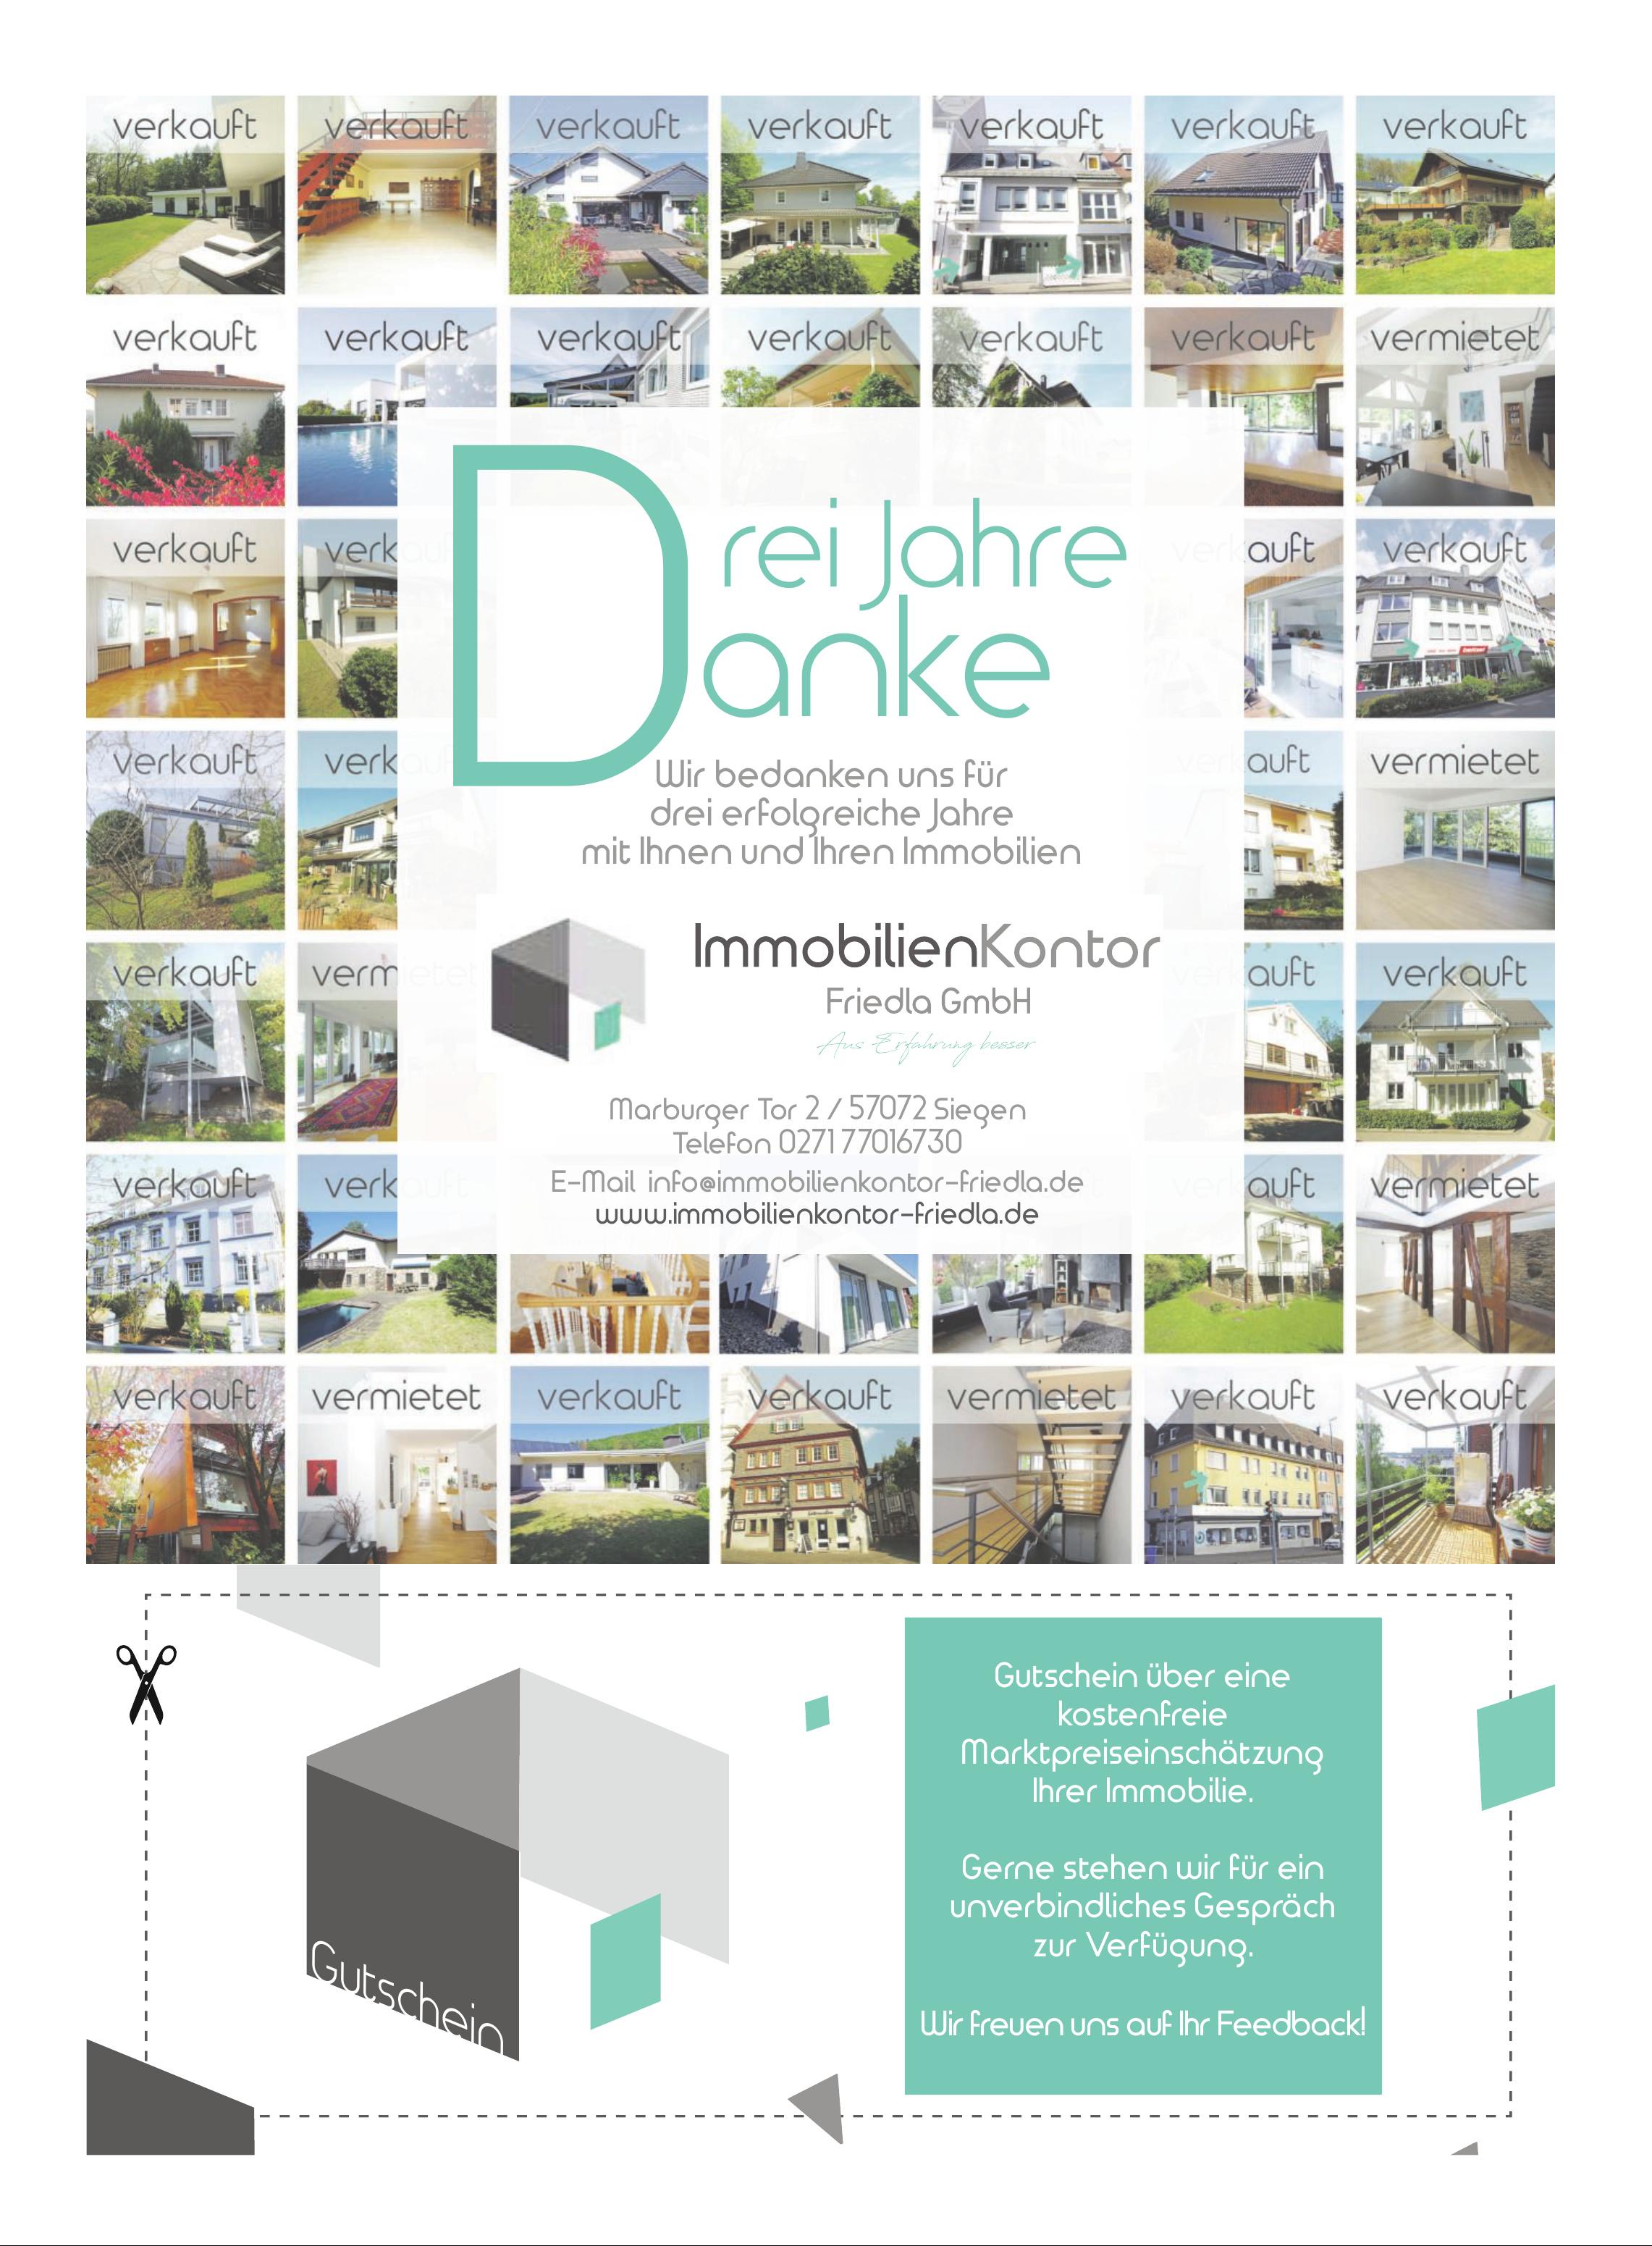 ImmobilienKontor Friedla GmbH